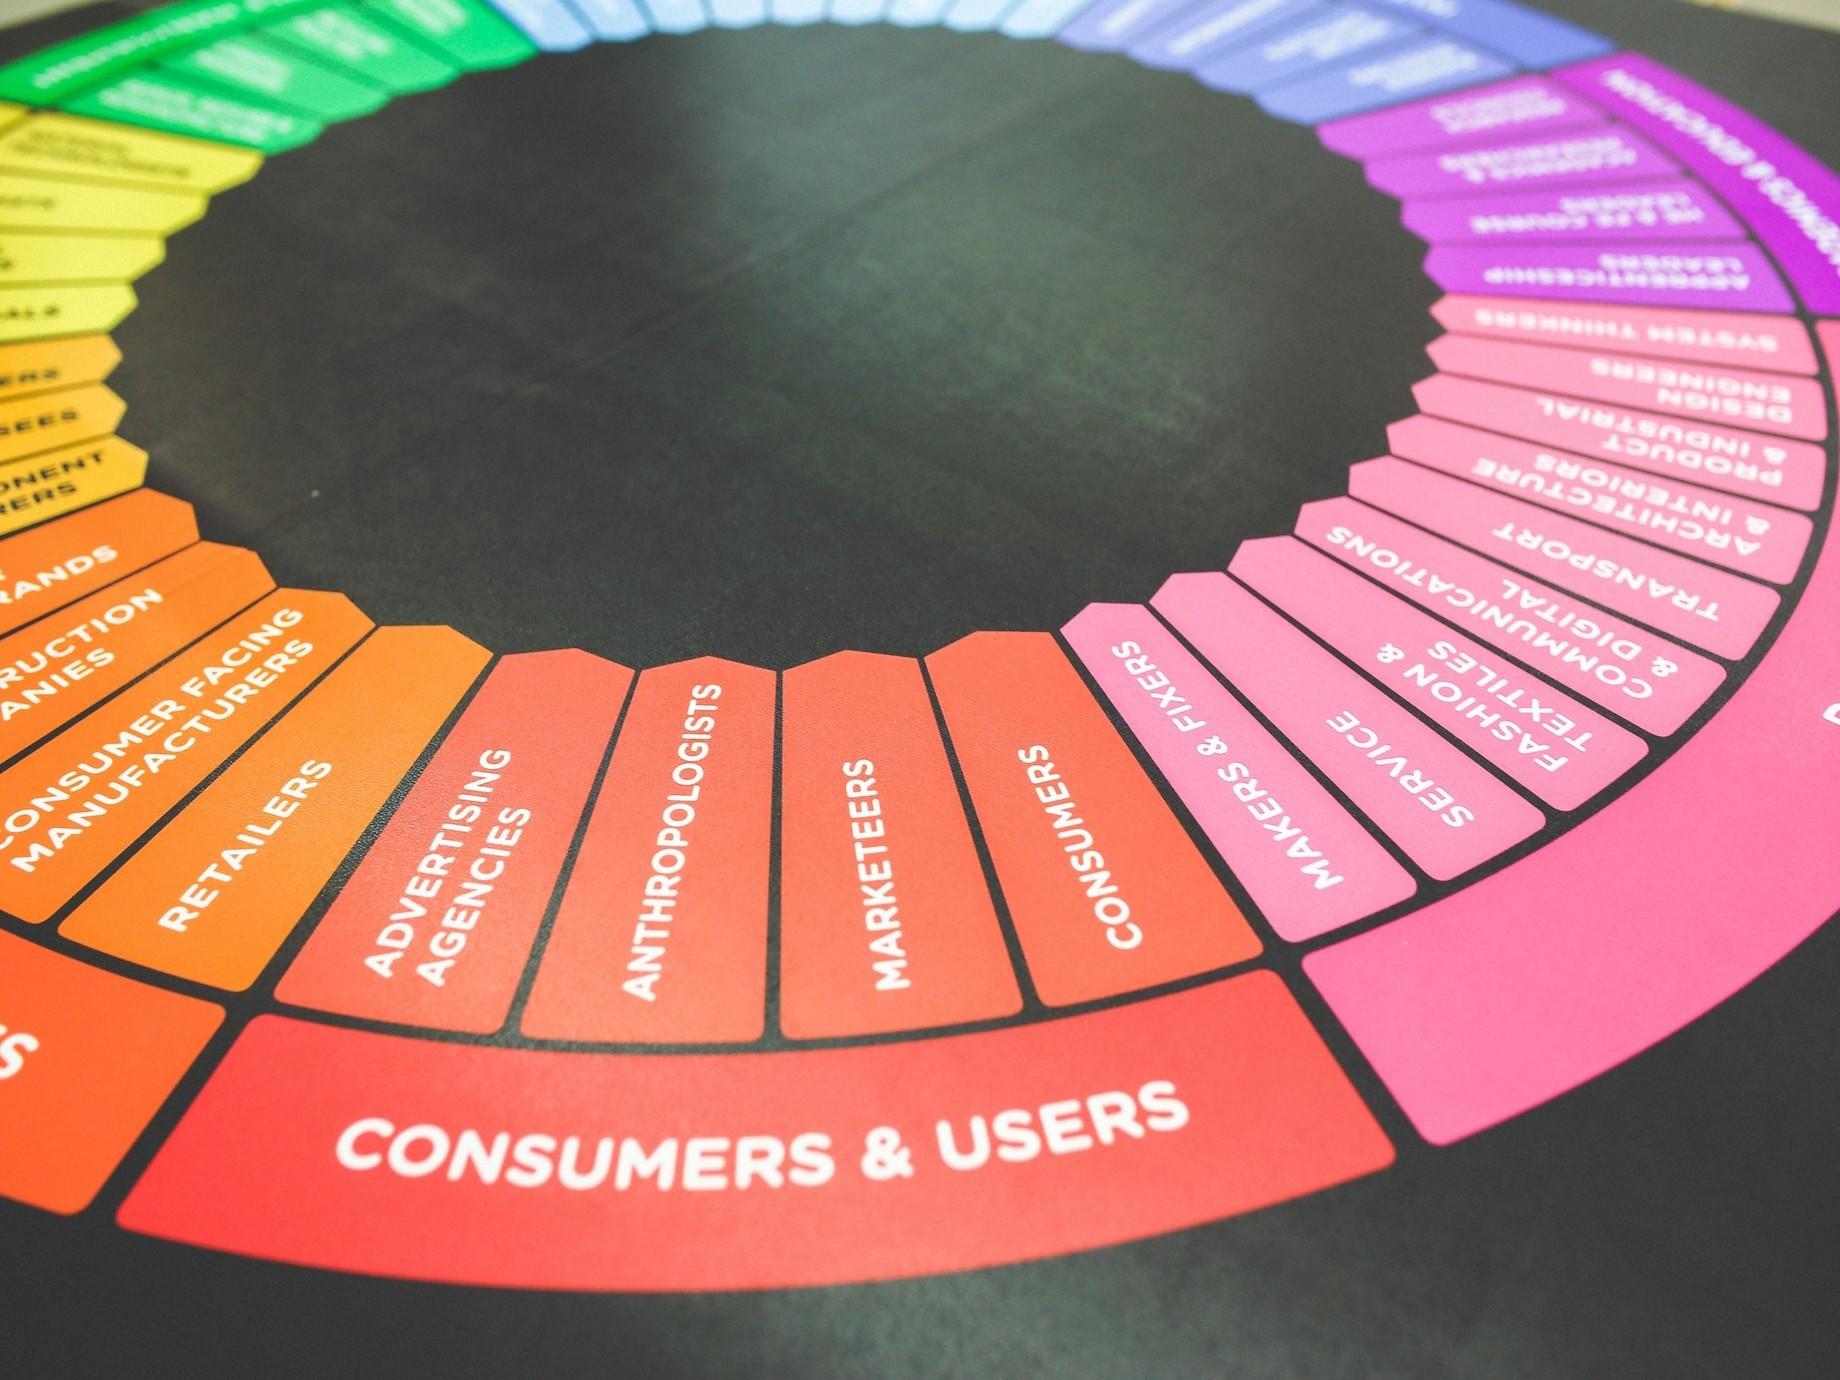 想靠內容行銷增加流量?你要避免的十個錯誤策略!